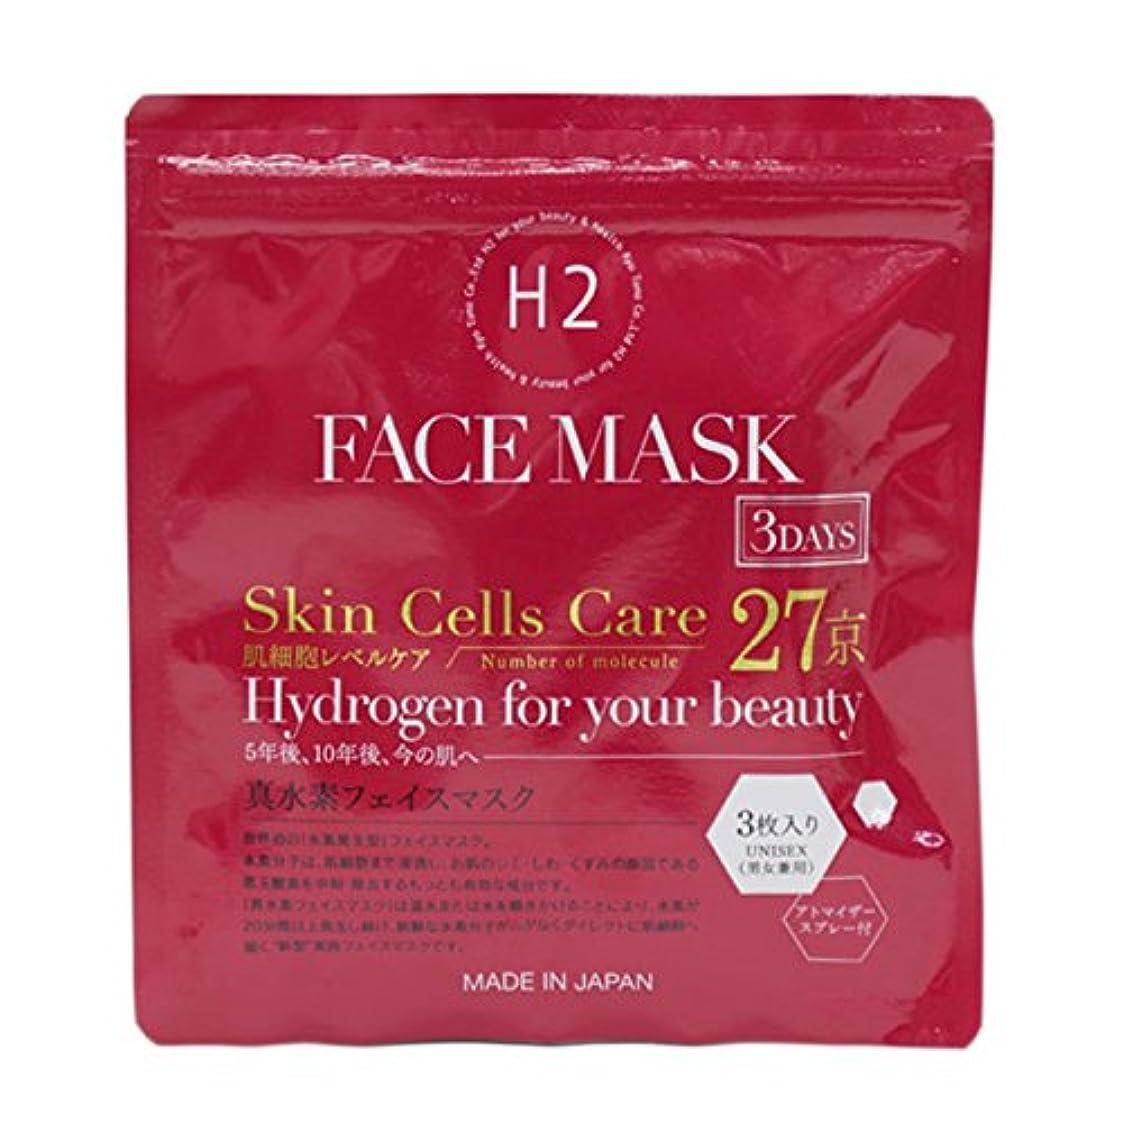 Kyotomo 真水素フェイスマスク 3枚